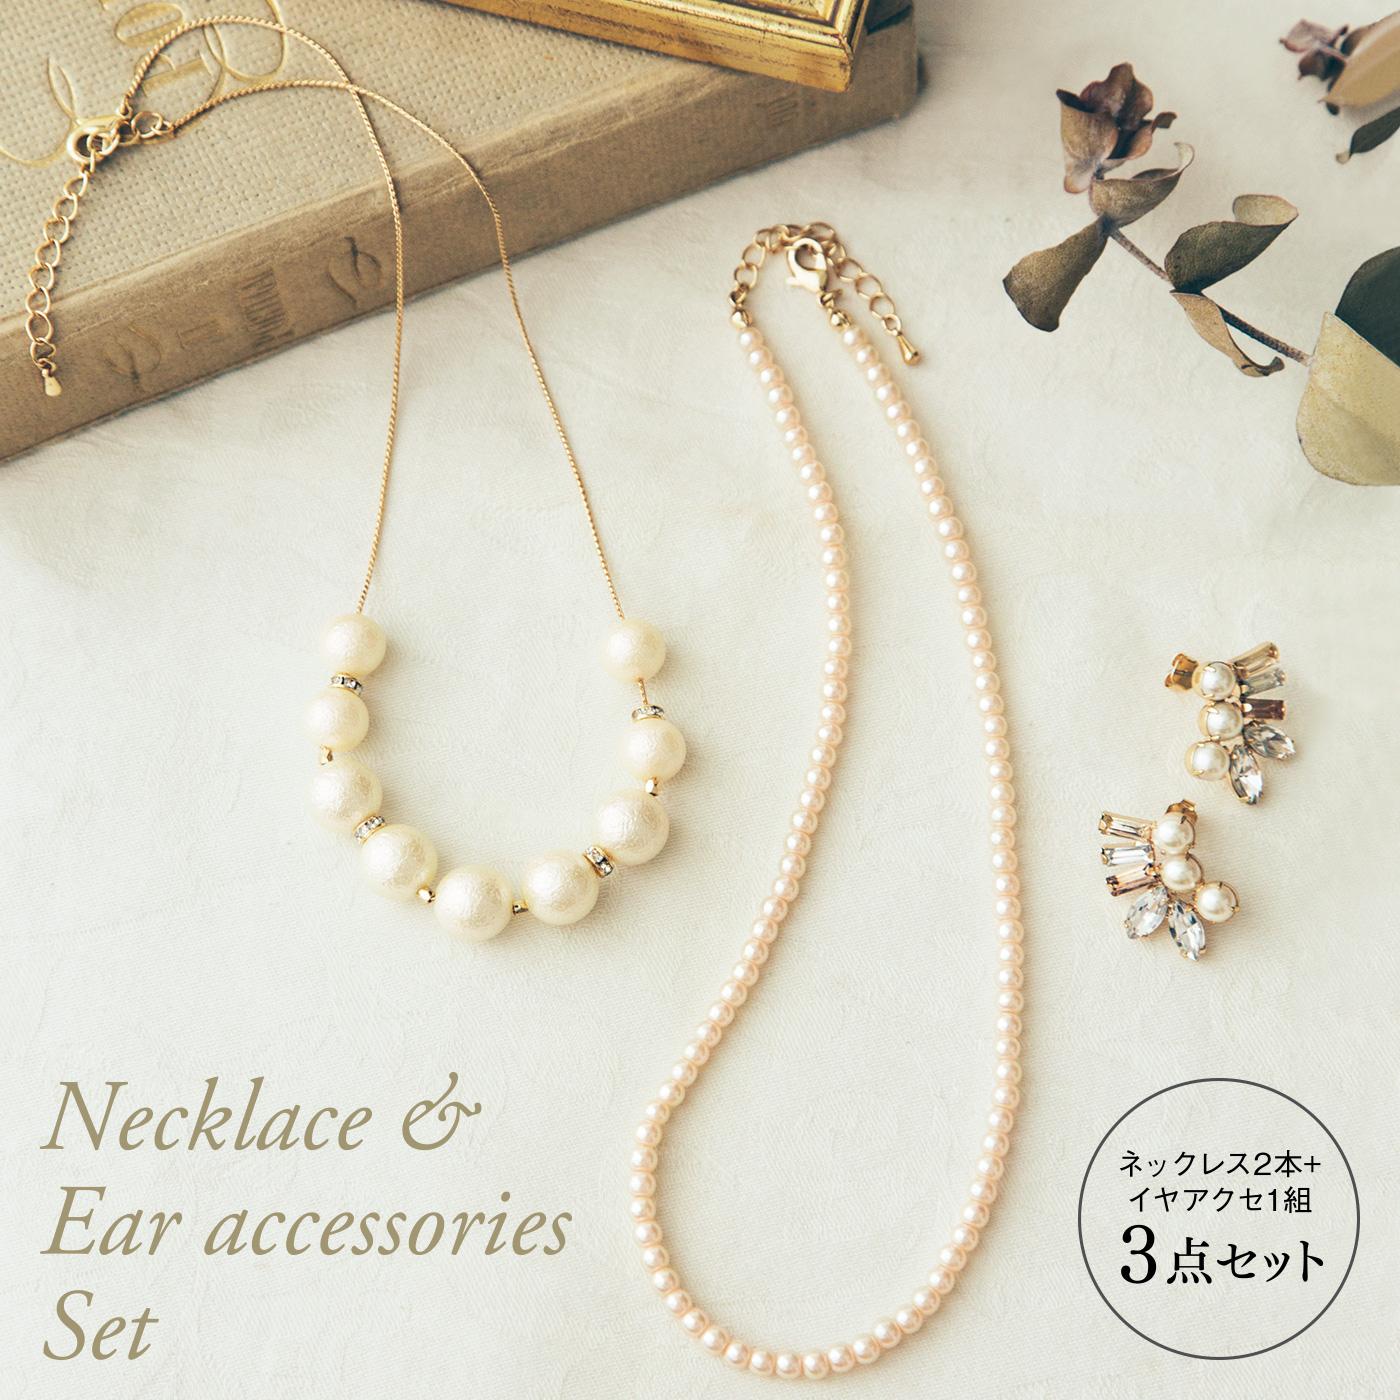 繊細な輝きが華を添えるネックレス&イヤアクセサリー3点セット